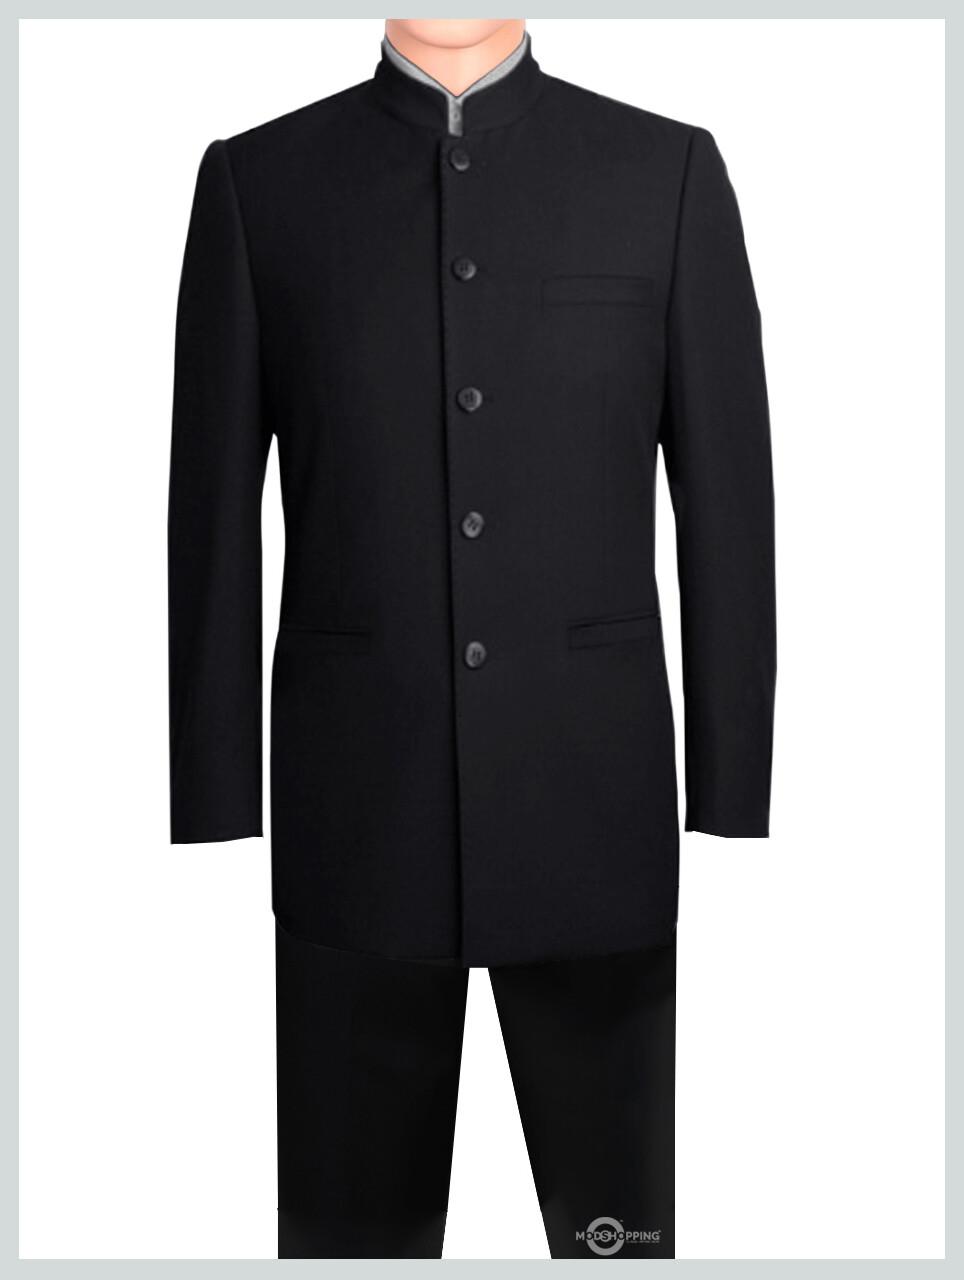 Nehru Collar Black Suit Tailored Mod Suit 5 Button.